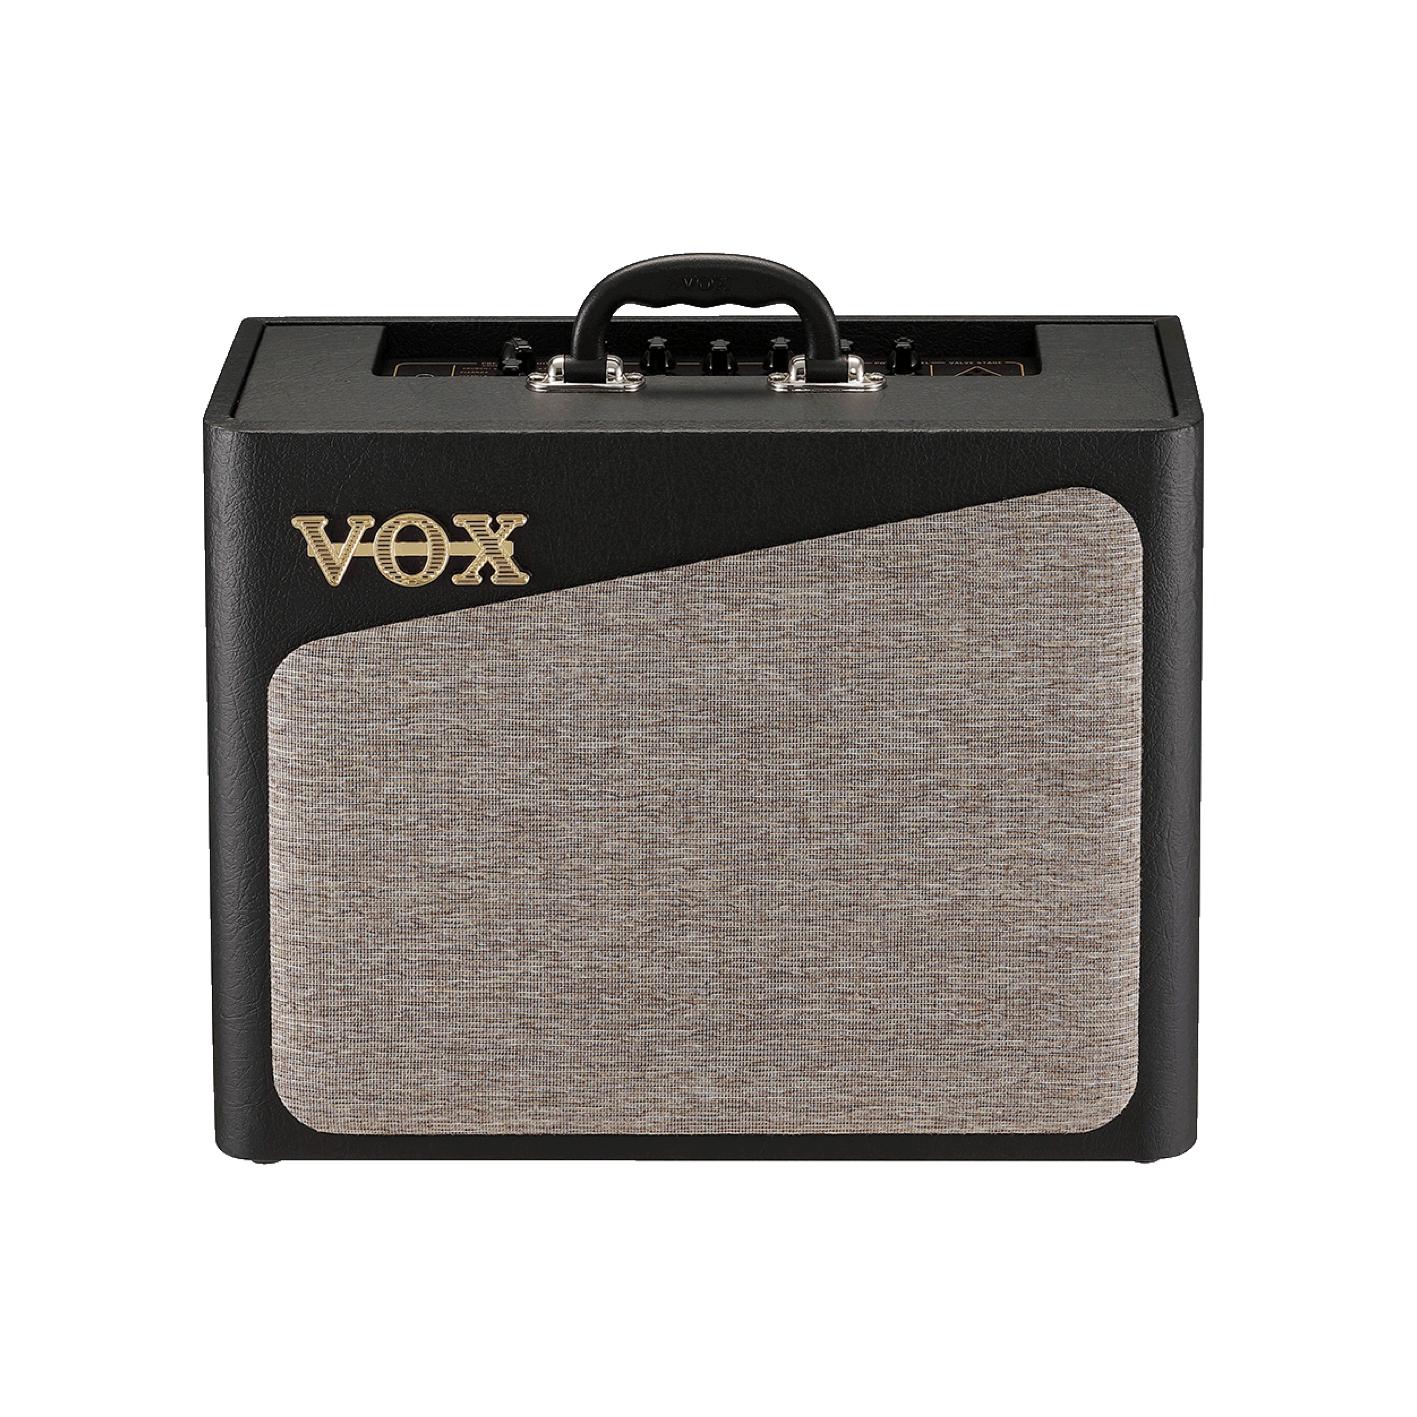 Vox AV-15 Analog Valve Amplifier Combo